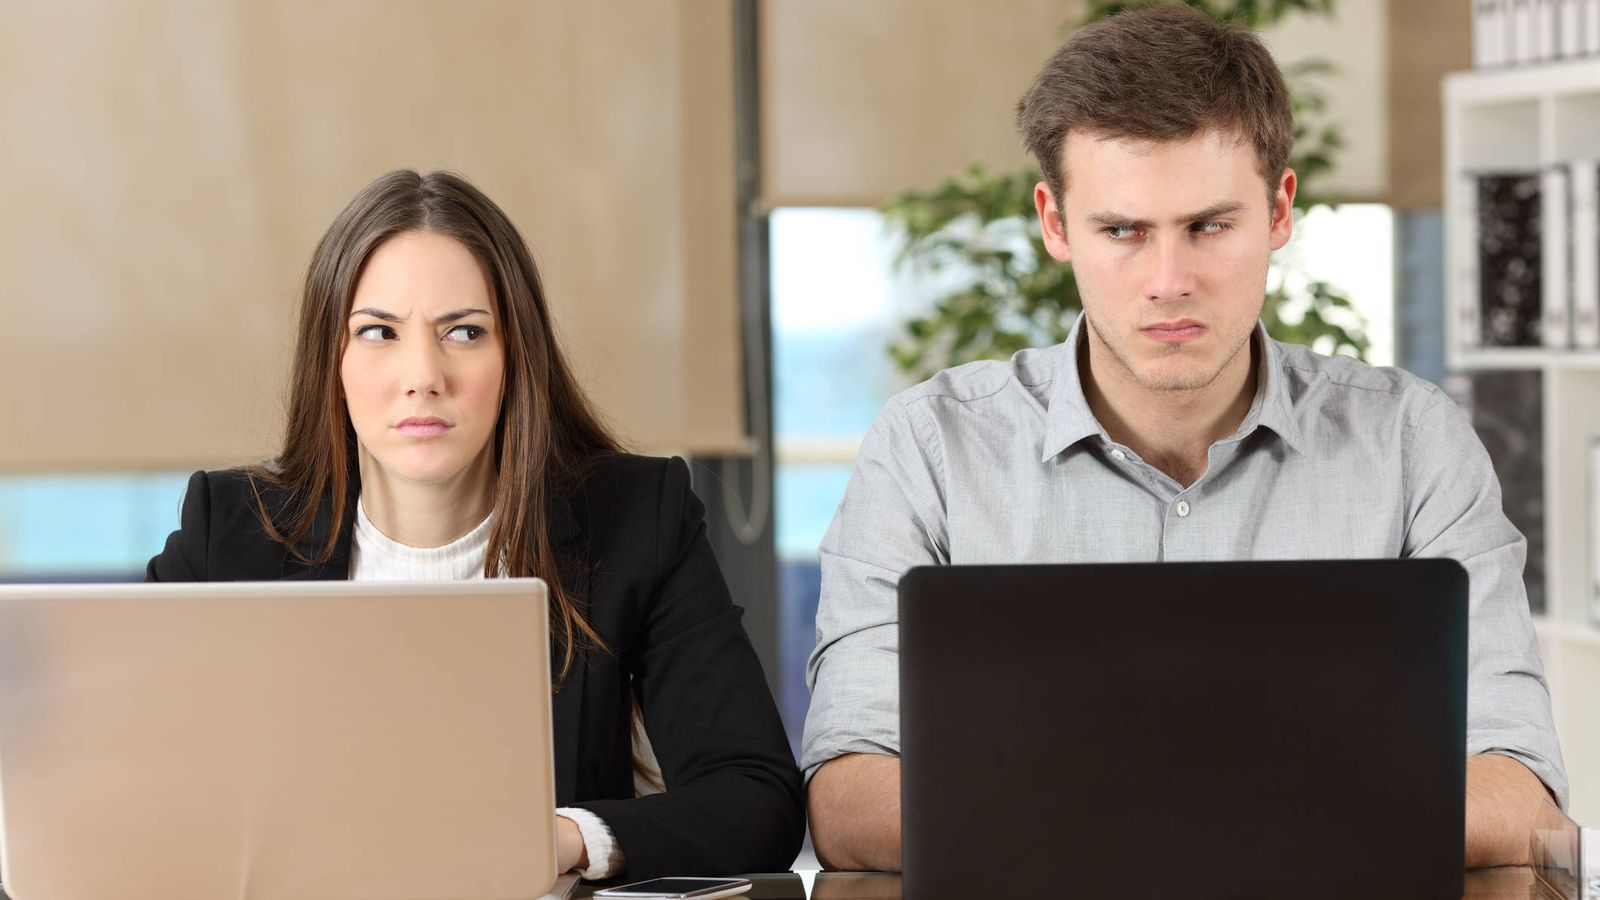 005db62e3 Trabajo  Los signos que delatan que tu compañero de trabajo es una garrapata